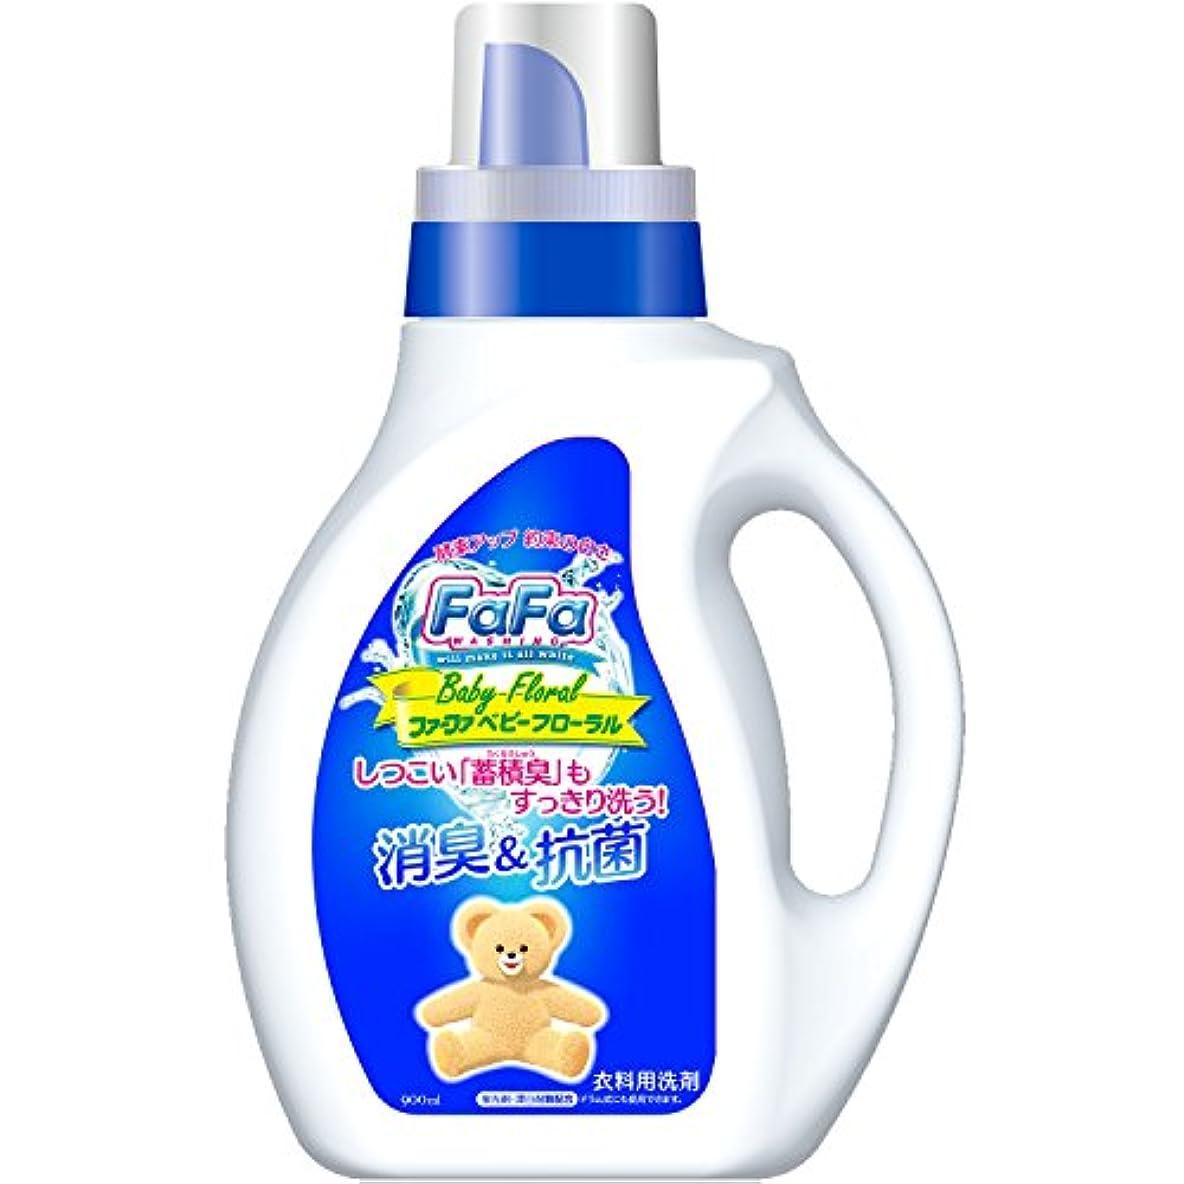 ベスト悲惨なの配列ファーファ 洗濯洗剤 液体 ベビーフローラル 本体 900ml